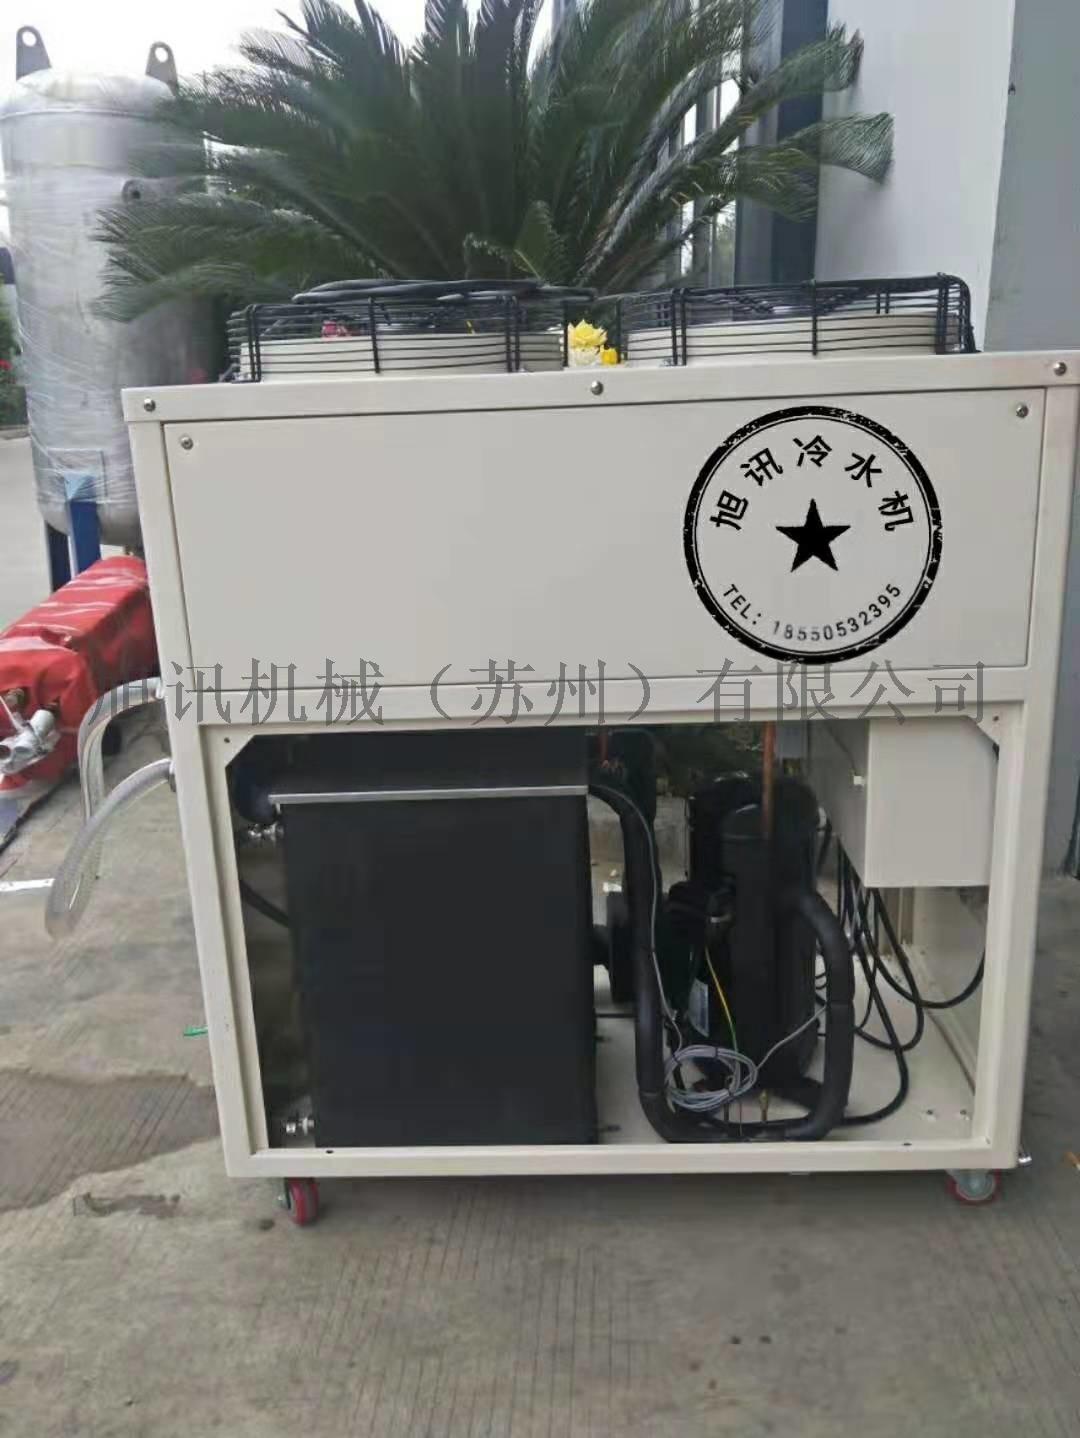 苏州5P工业风冷冷水机厂家多少钱一台120259255